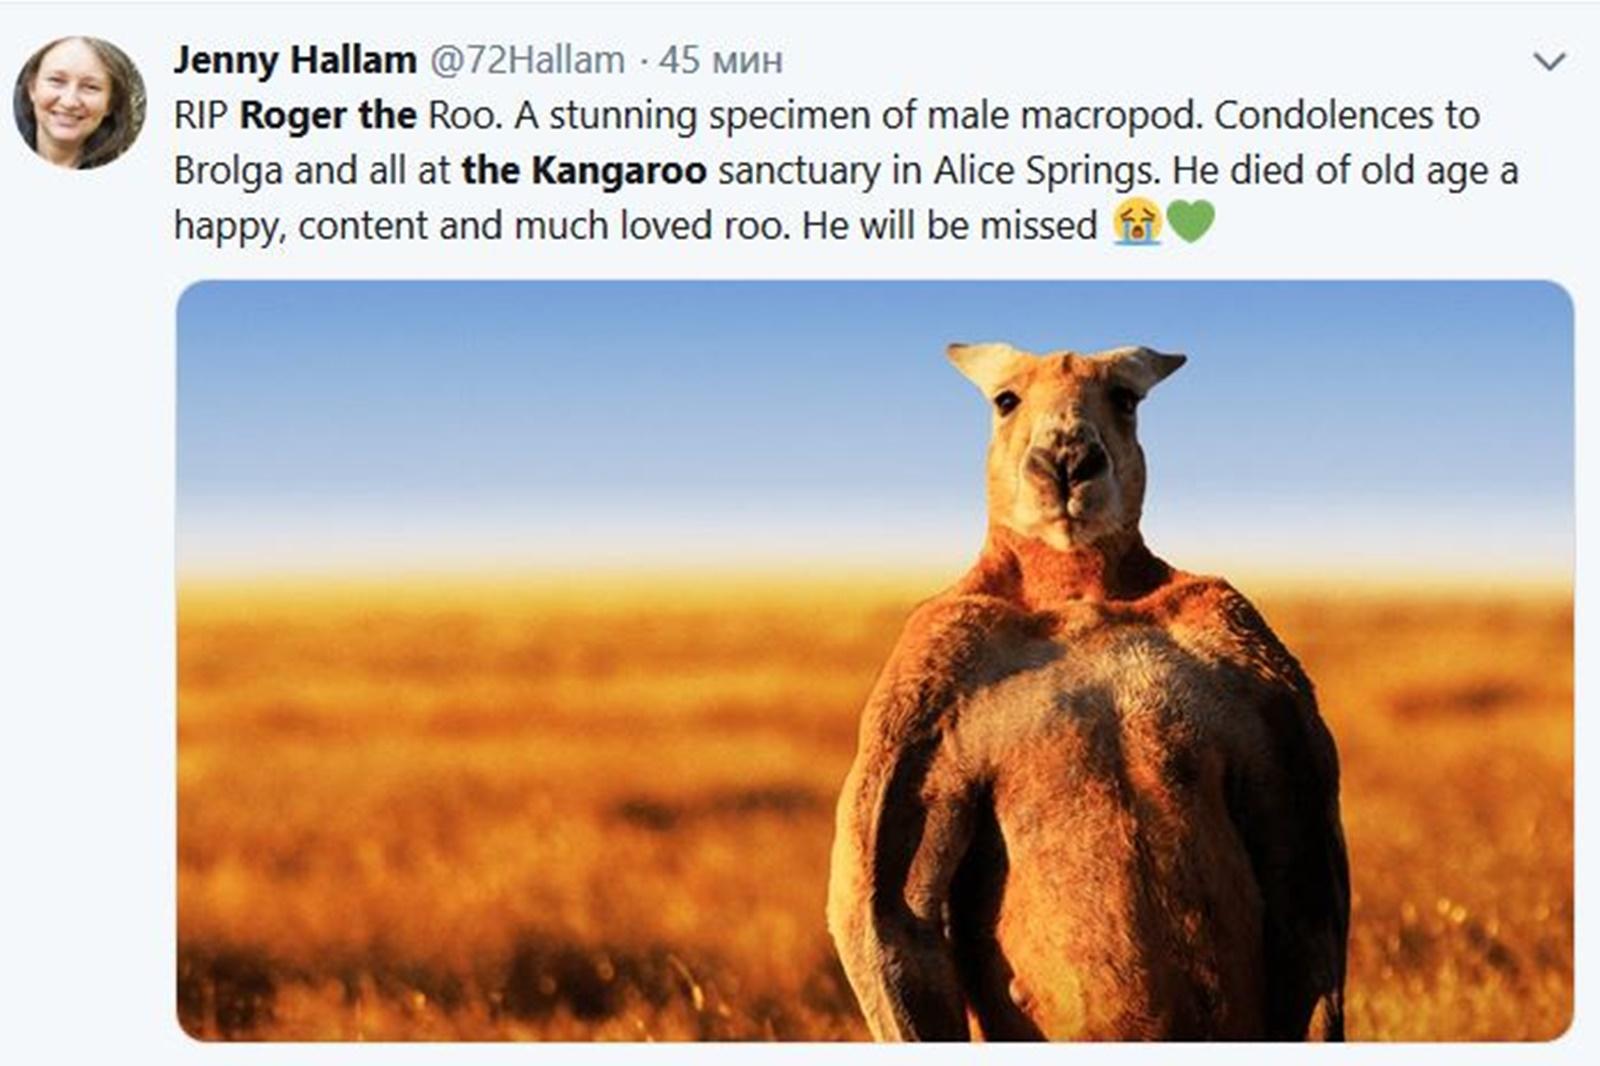 Мускулестото кунгуру Роджър, което стана интернет сензация през 2015 г. и си спечели място сред дестте най-известни животни на света е починало на 12-годишна възраст. За смъртта му беше съобщено вчера от директора на резервата - Крис Барнес, в емоционално видео, споделено във Фейсбук страницата на резервата. Само за 22 часа видетото е гледано от над 80 000 души, а социалните мрежи вече са пълни със скръбни постове.